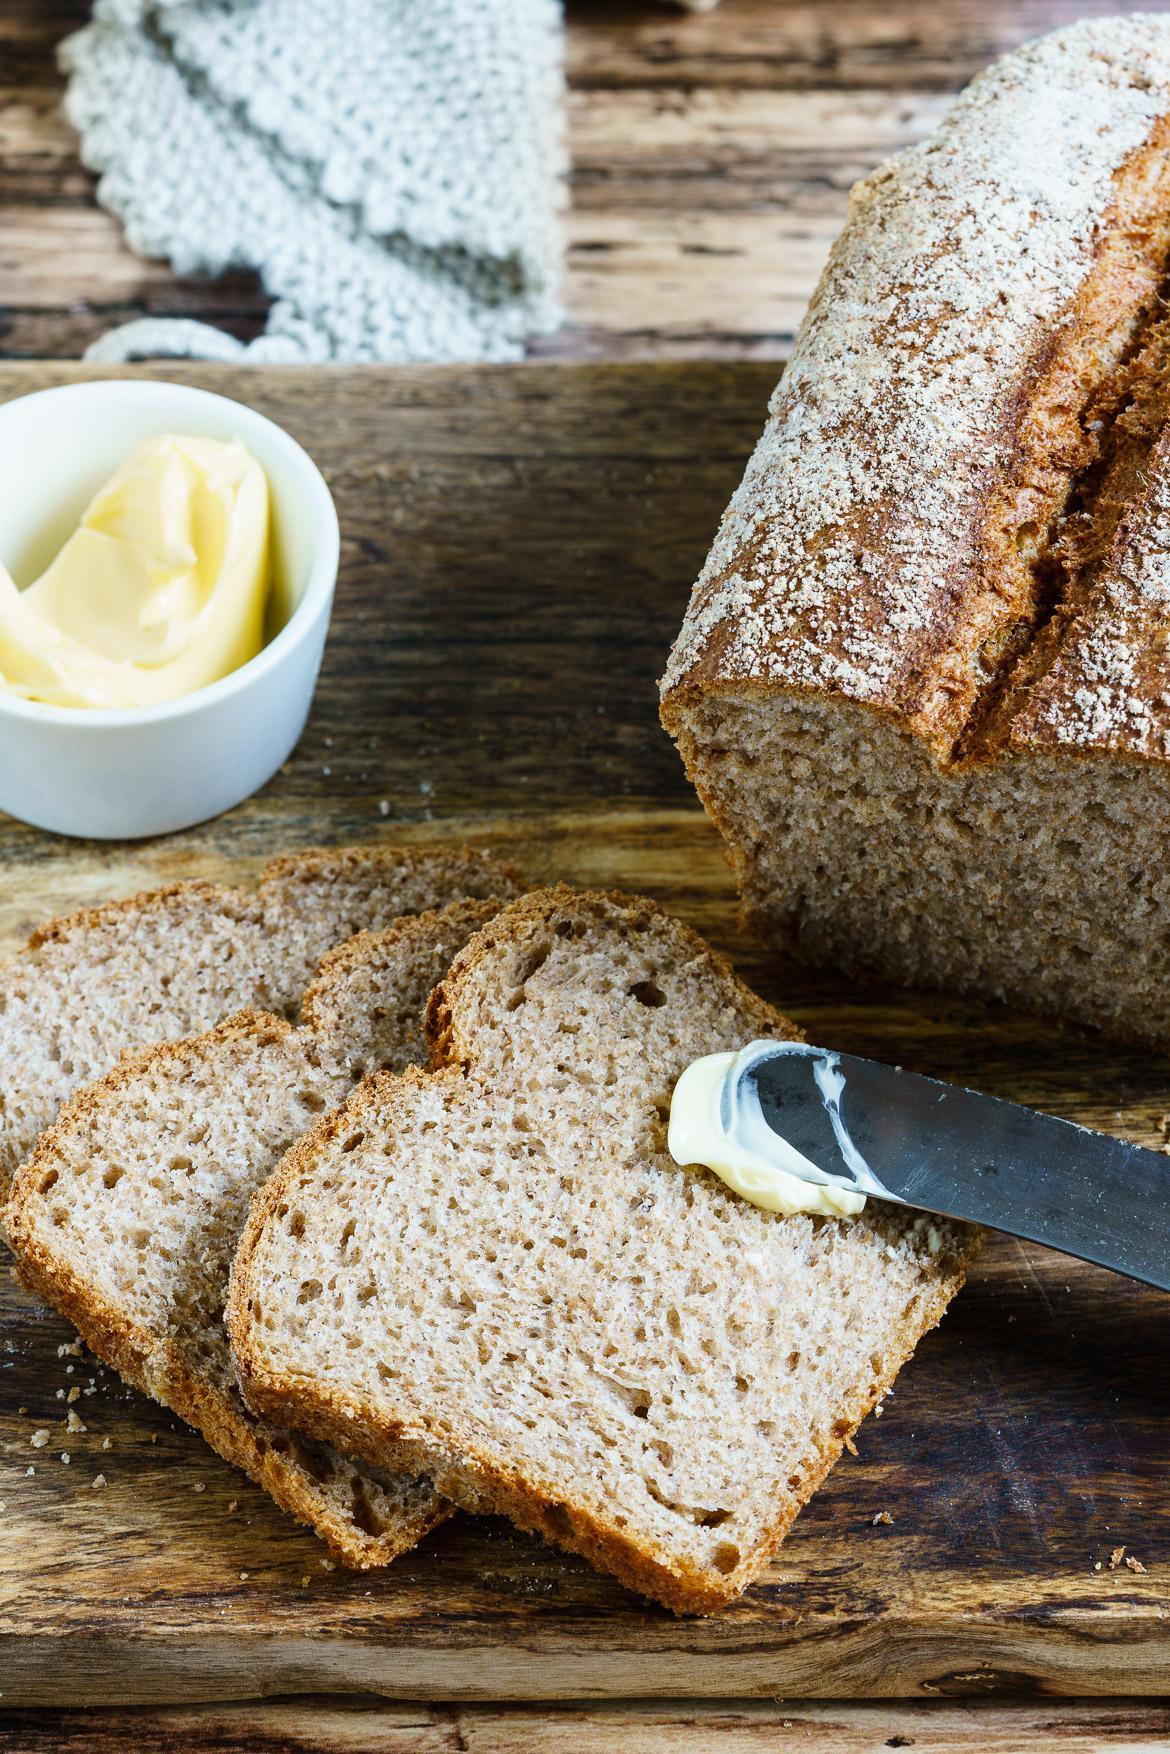 Madam Rote Rübe - Zarter Vollkorn-Butter-Toast - einfach hausgebacken